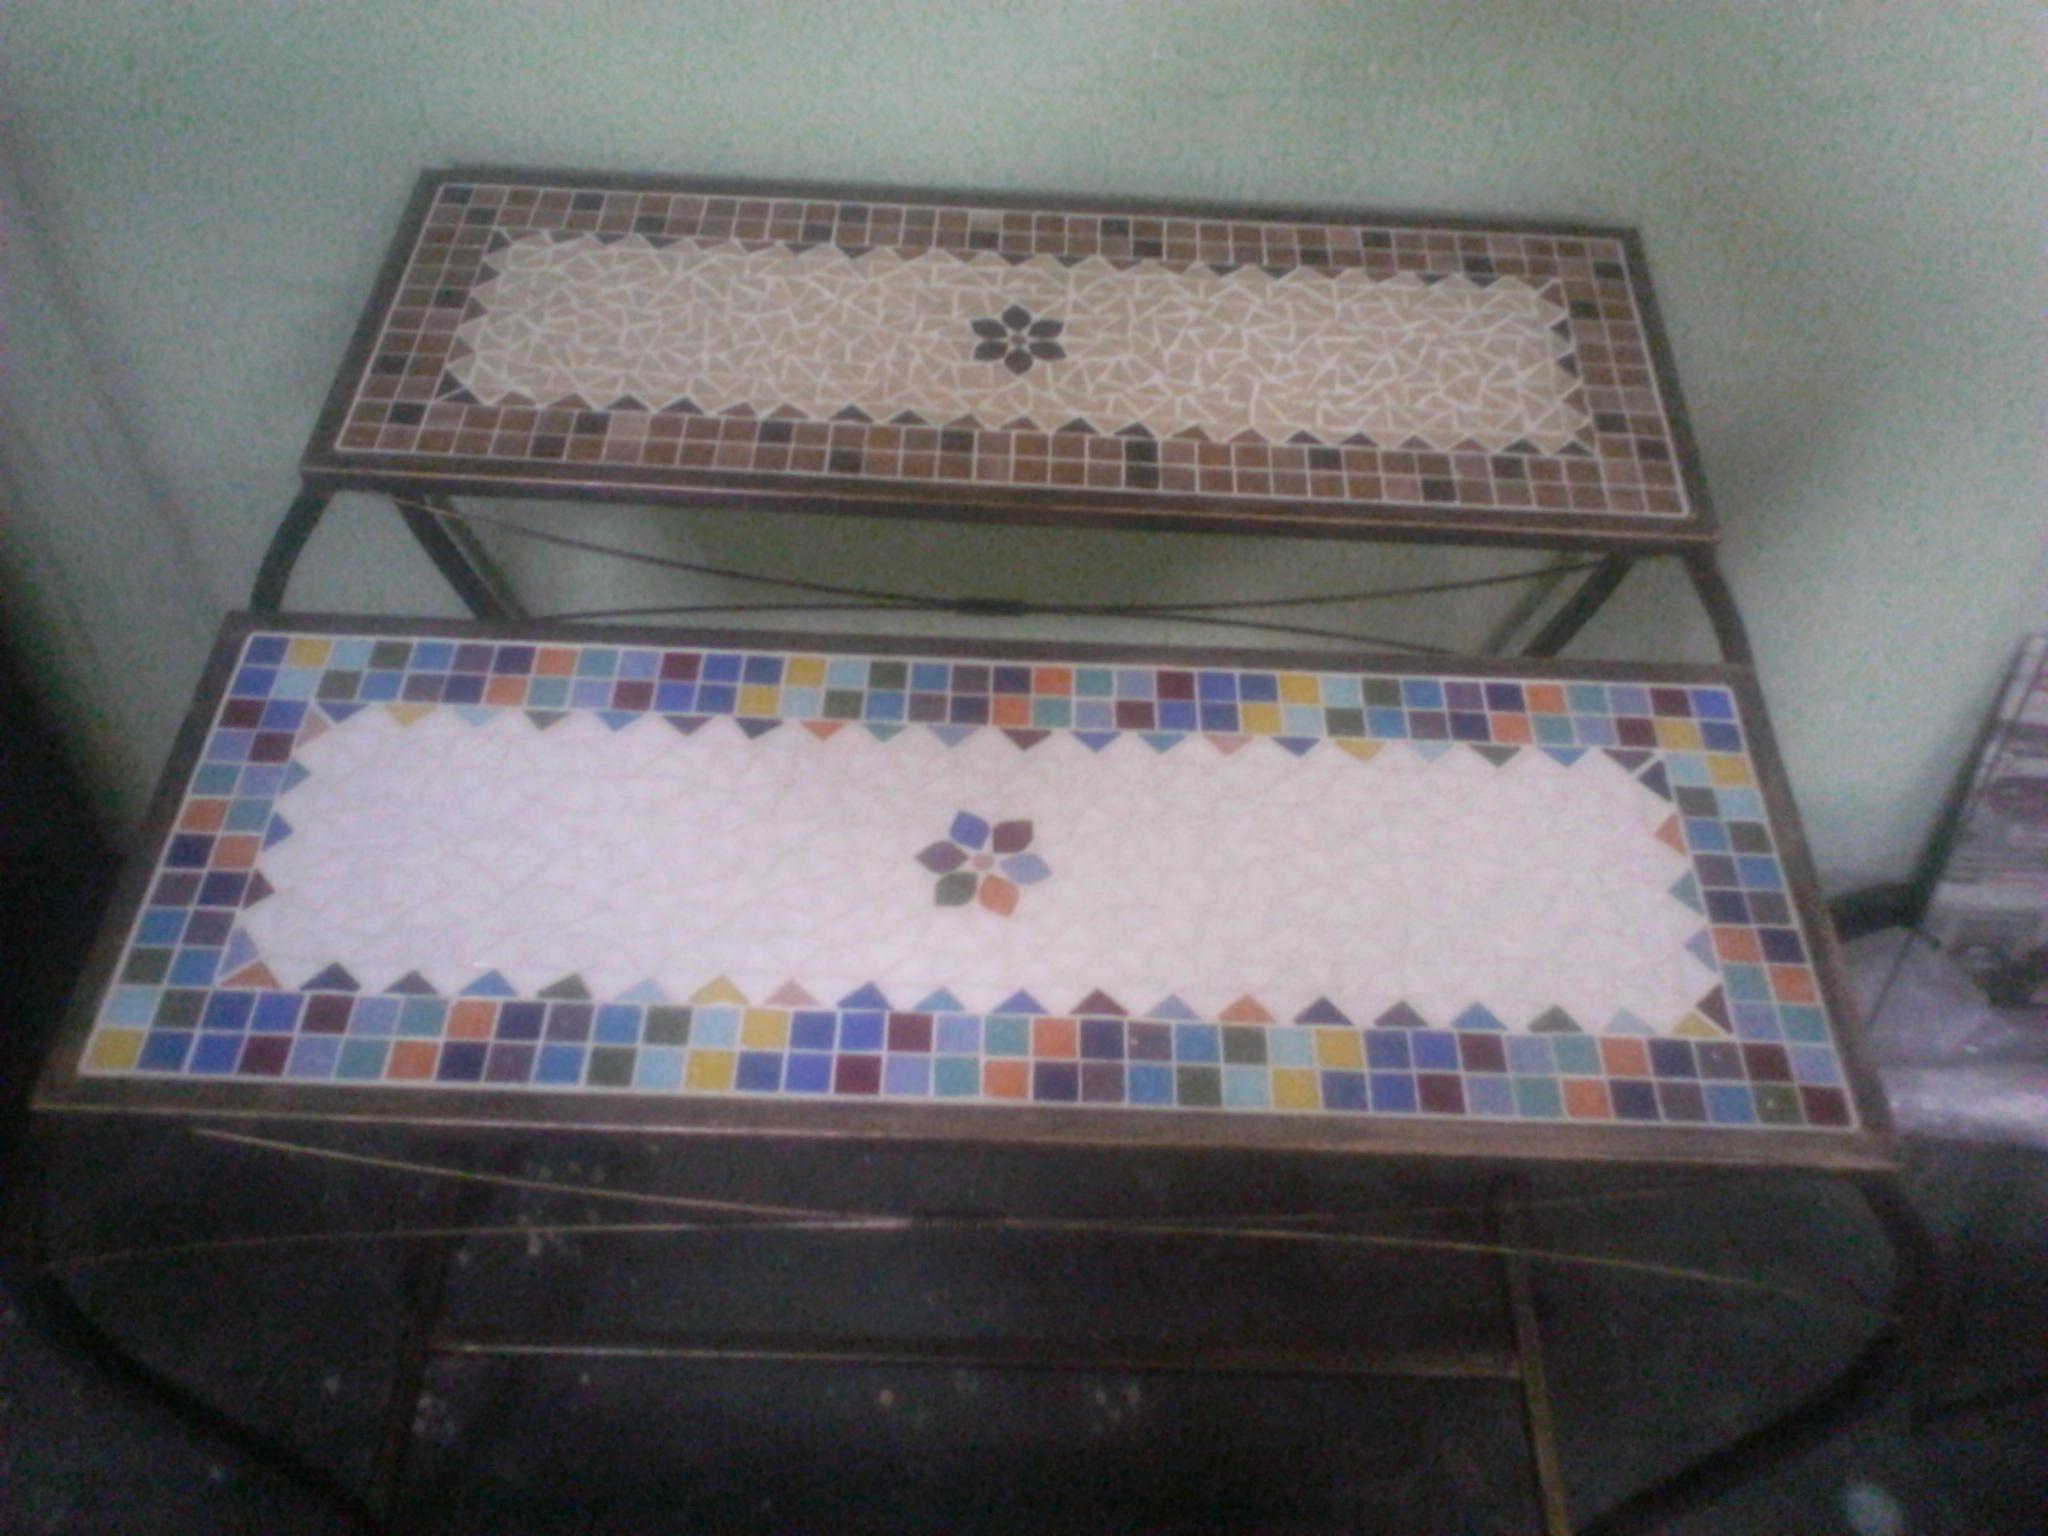 aparadores em ferro e mosaico aparadores em ferro e mosaico #4F5D72 2048x1536